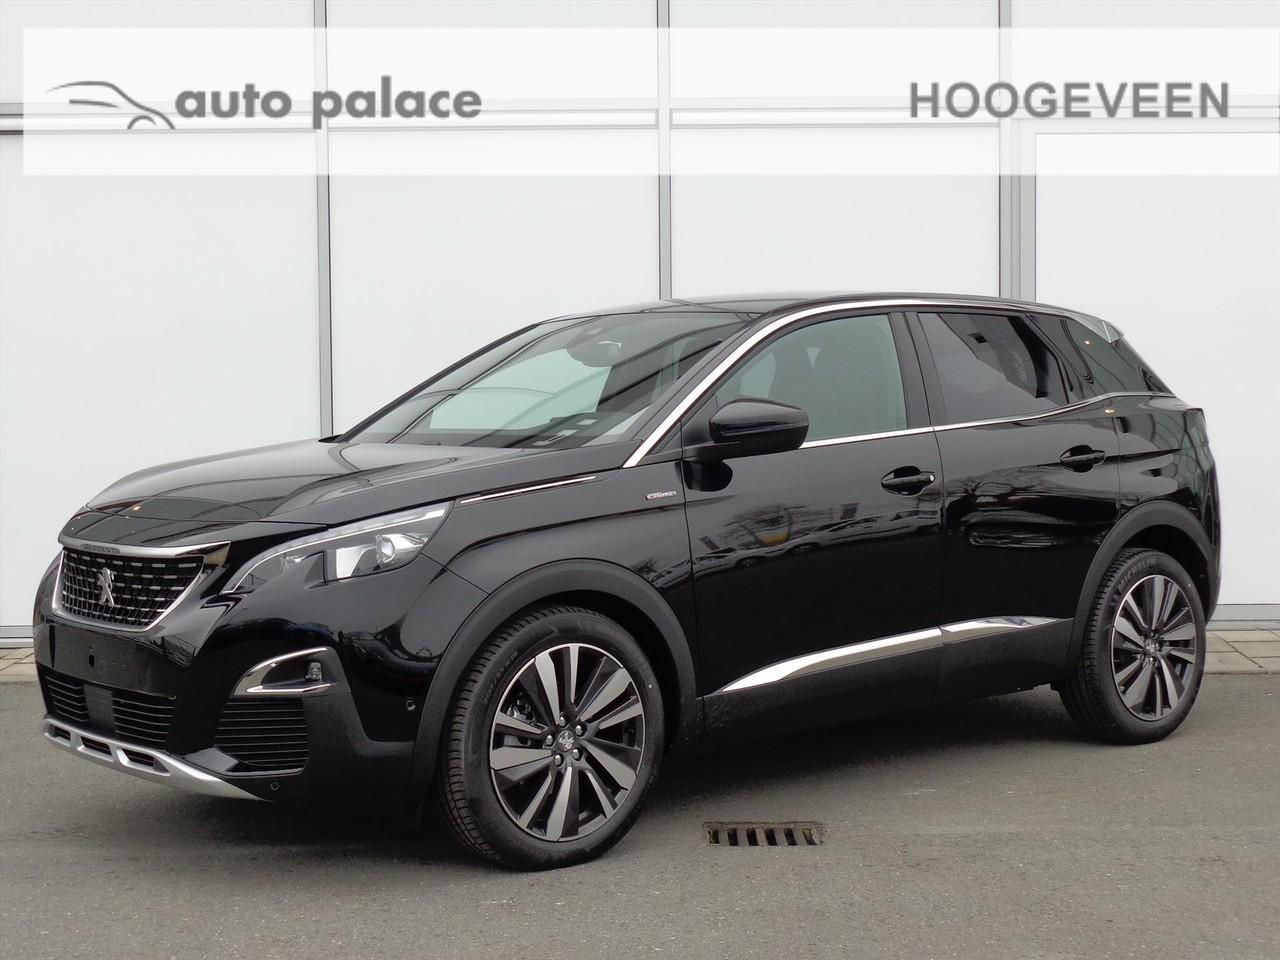 Peugeot 3008 1.6 puretech 180pk s&s eat gt-line